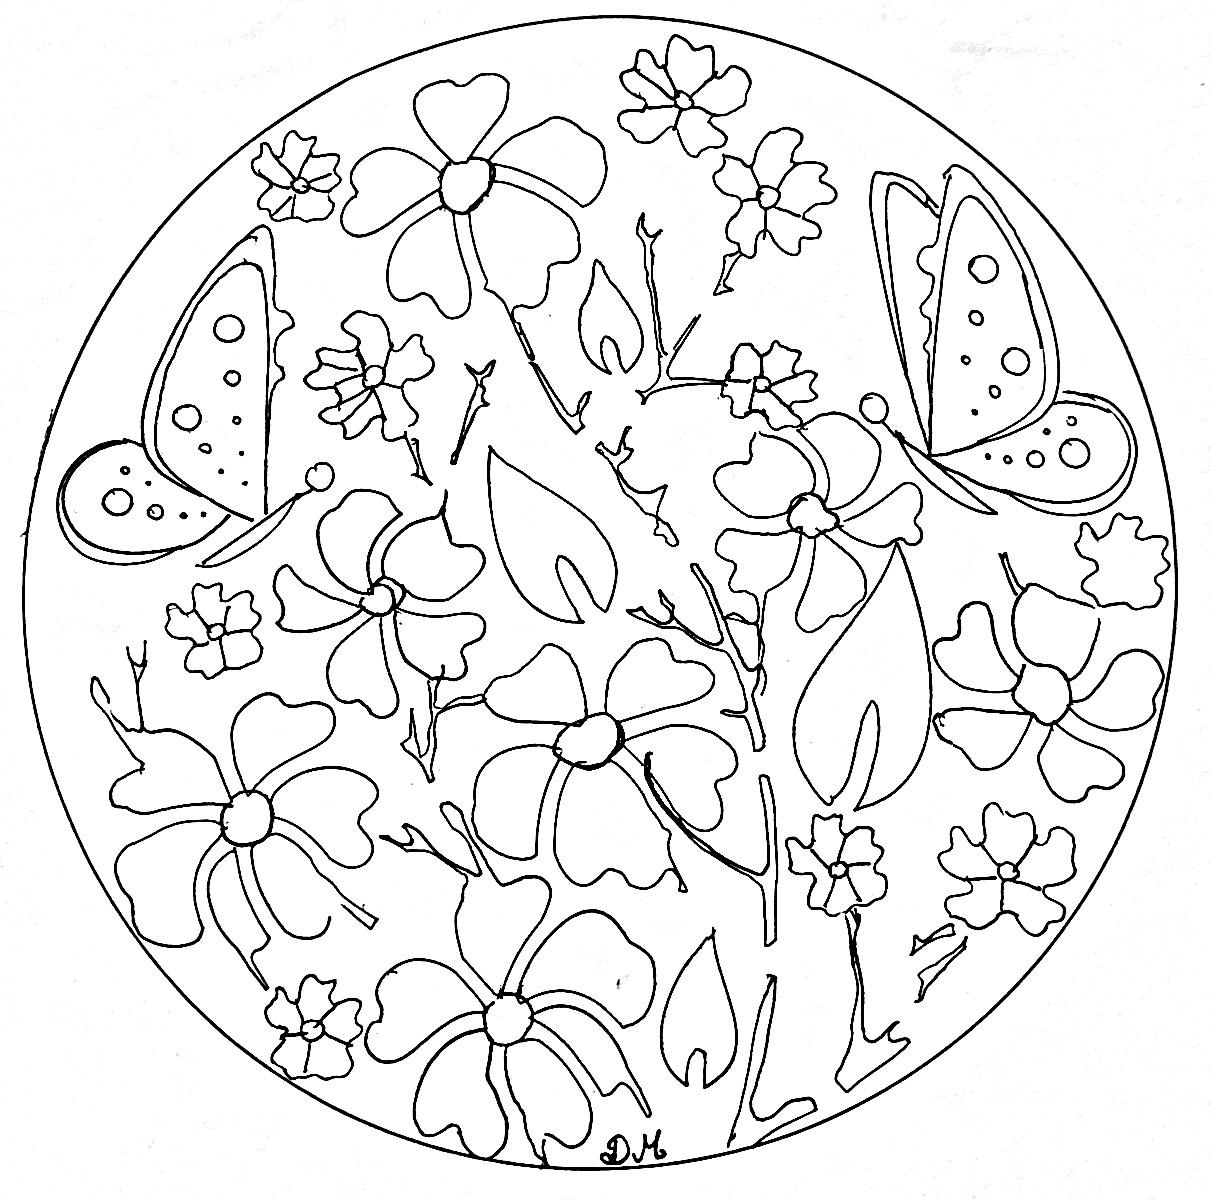 Mandala to print flowers butterflies - Mandalas with Flowers ...